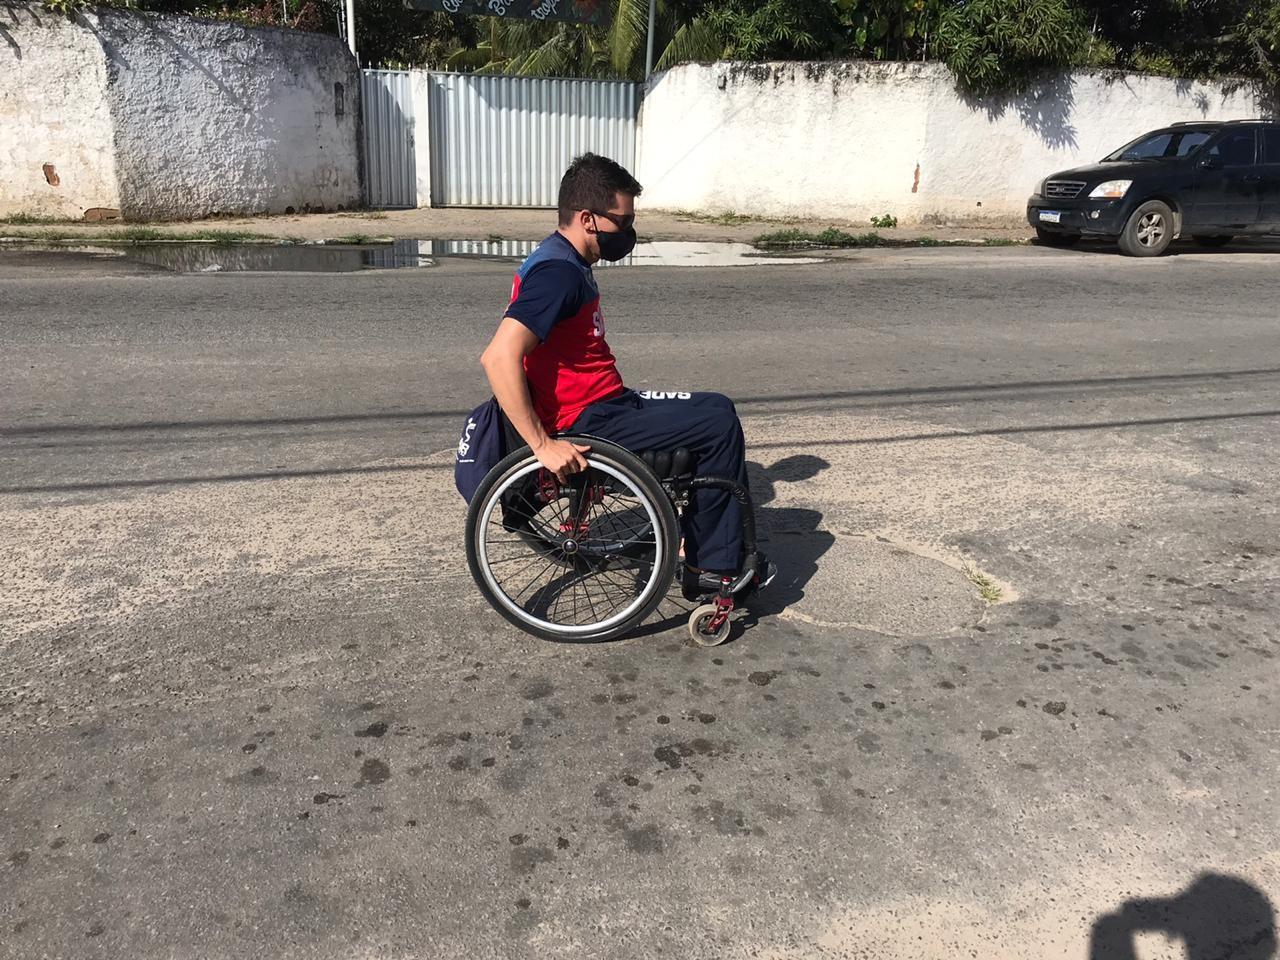 Atleta cadeirante mostra dificuldades para se locomover nas vias sem acessibilidade de Natal